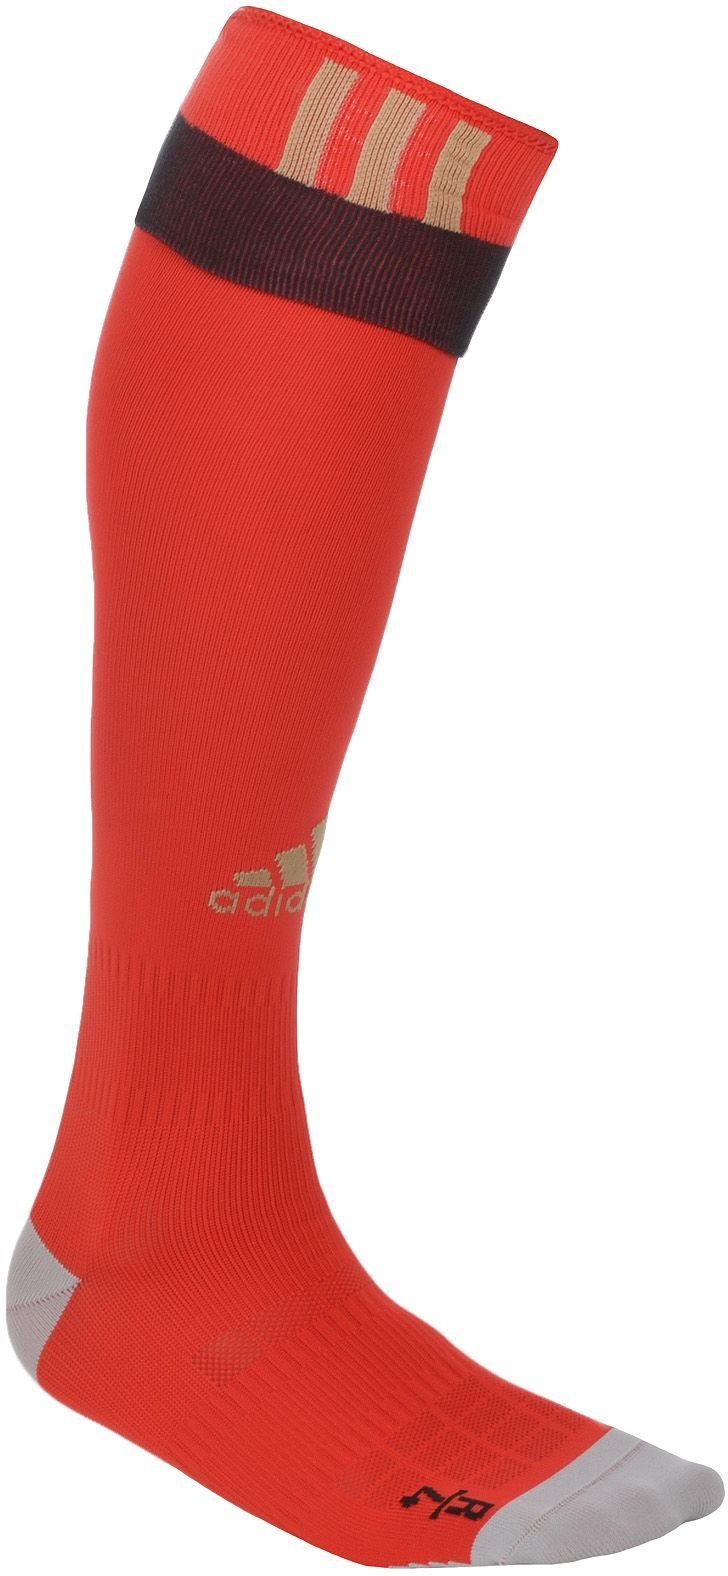 a06720bc9fe86 Adidas Getry Piłkarskie Socks Czerwone r. 40-42 - (AP8648) w Sklep ...